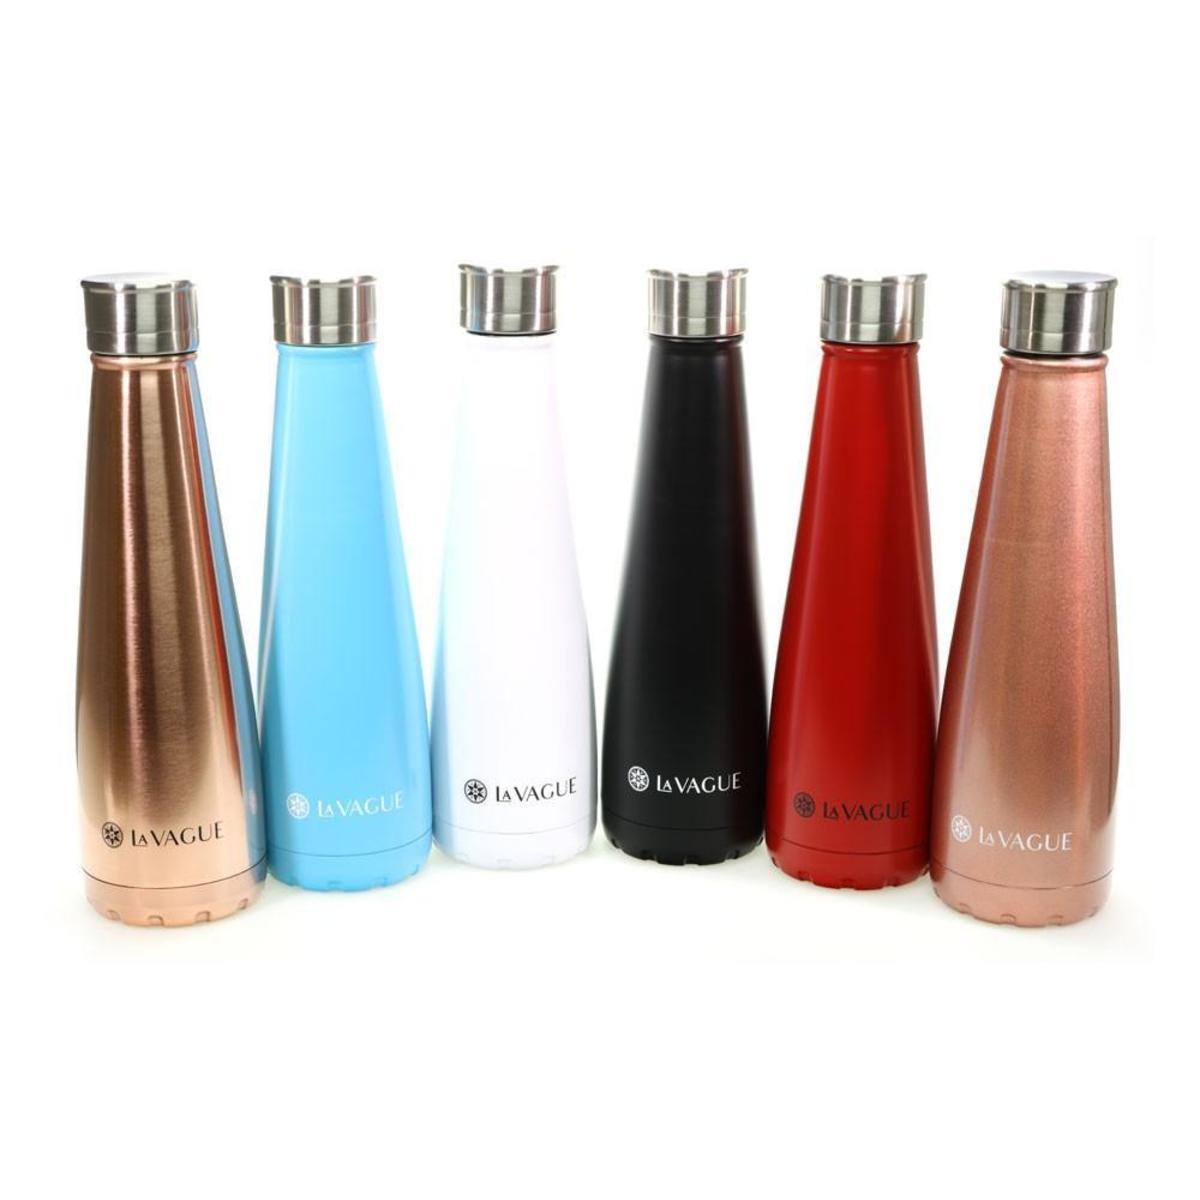 Bild 3 von LA VAGUE GRAVITY Edelstahl-Isolierflasche